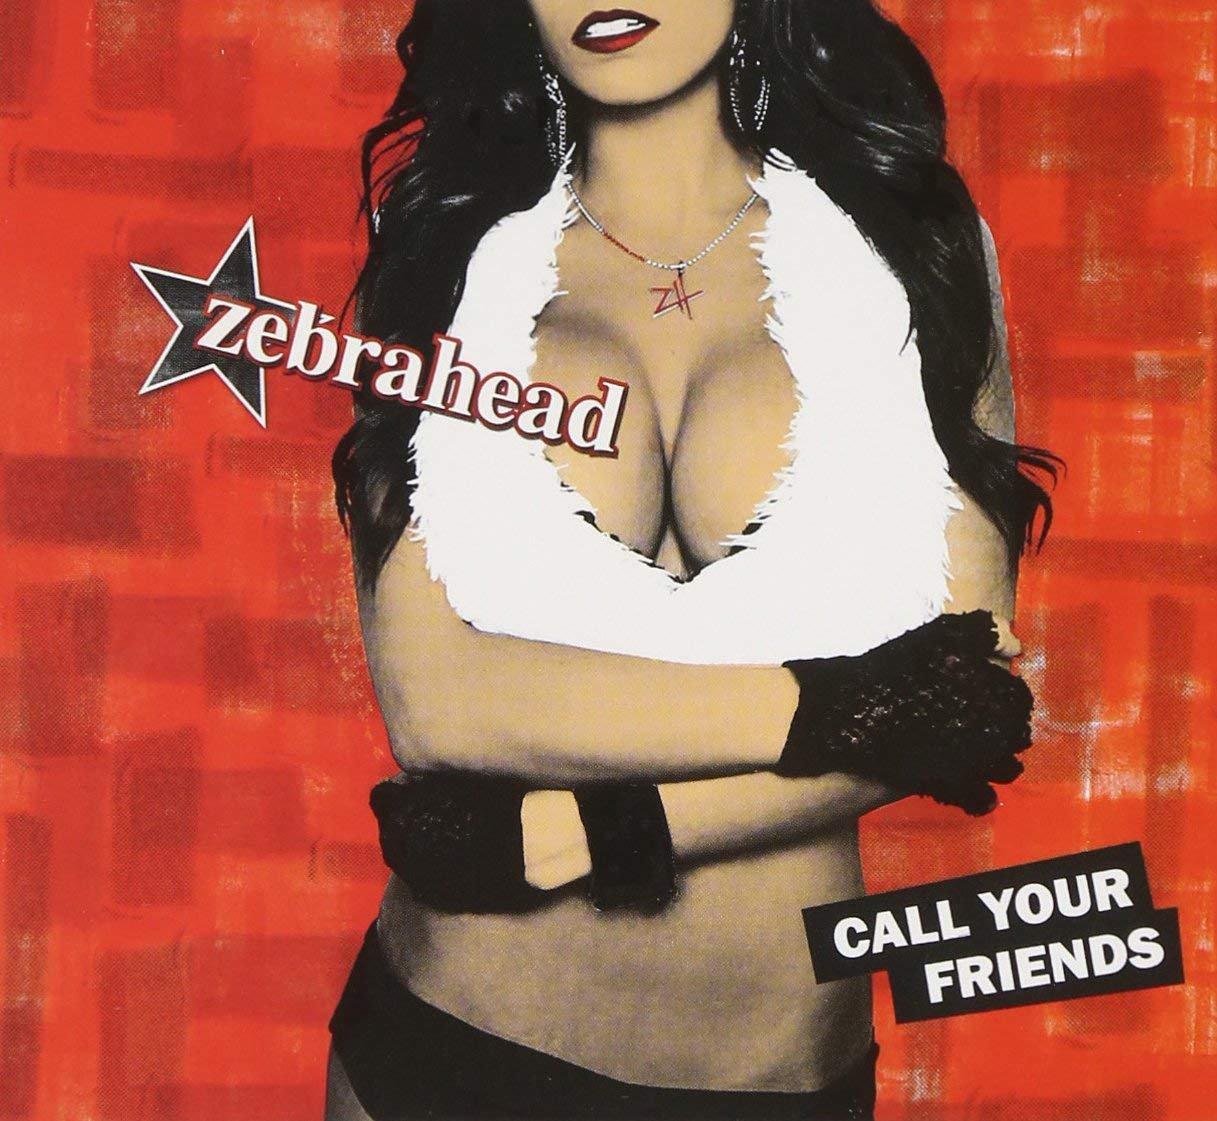 YOUR TÉLÉCHARGER FRIENDS CALL ZEBRAHEAD